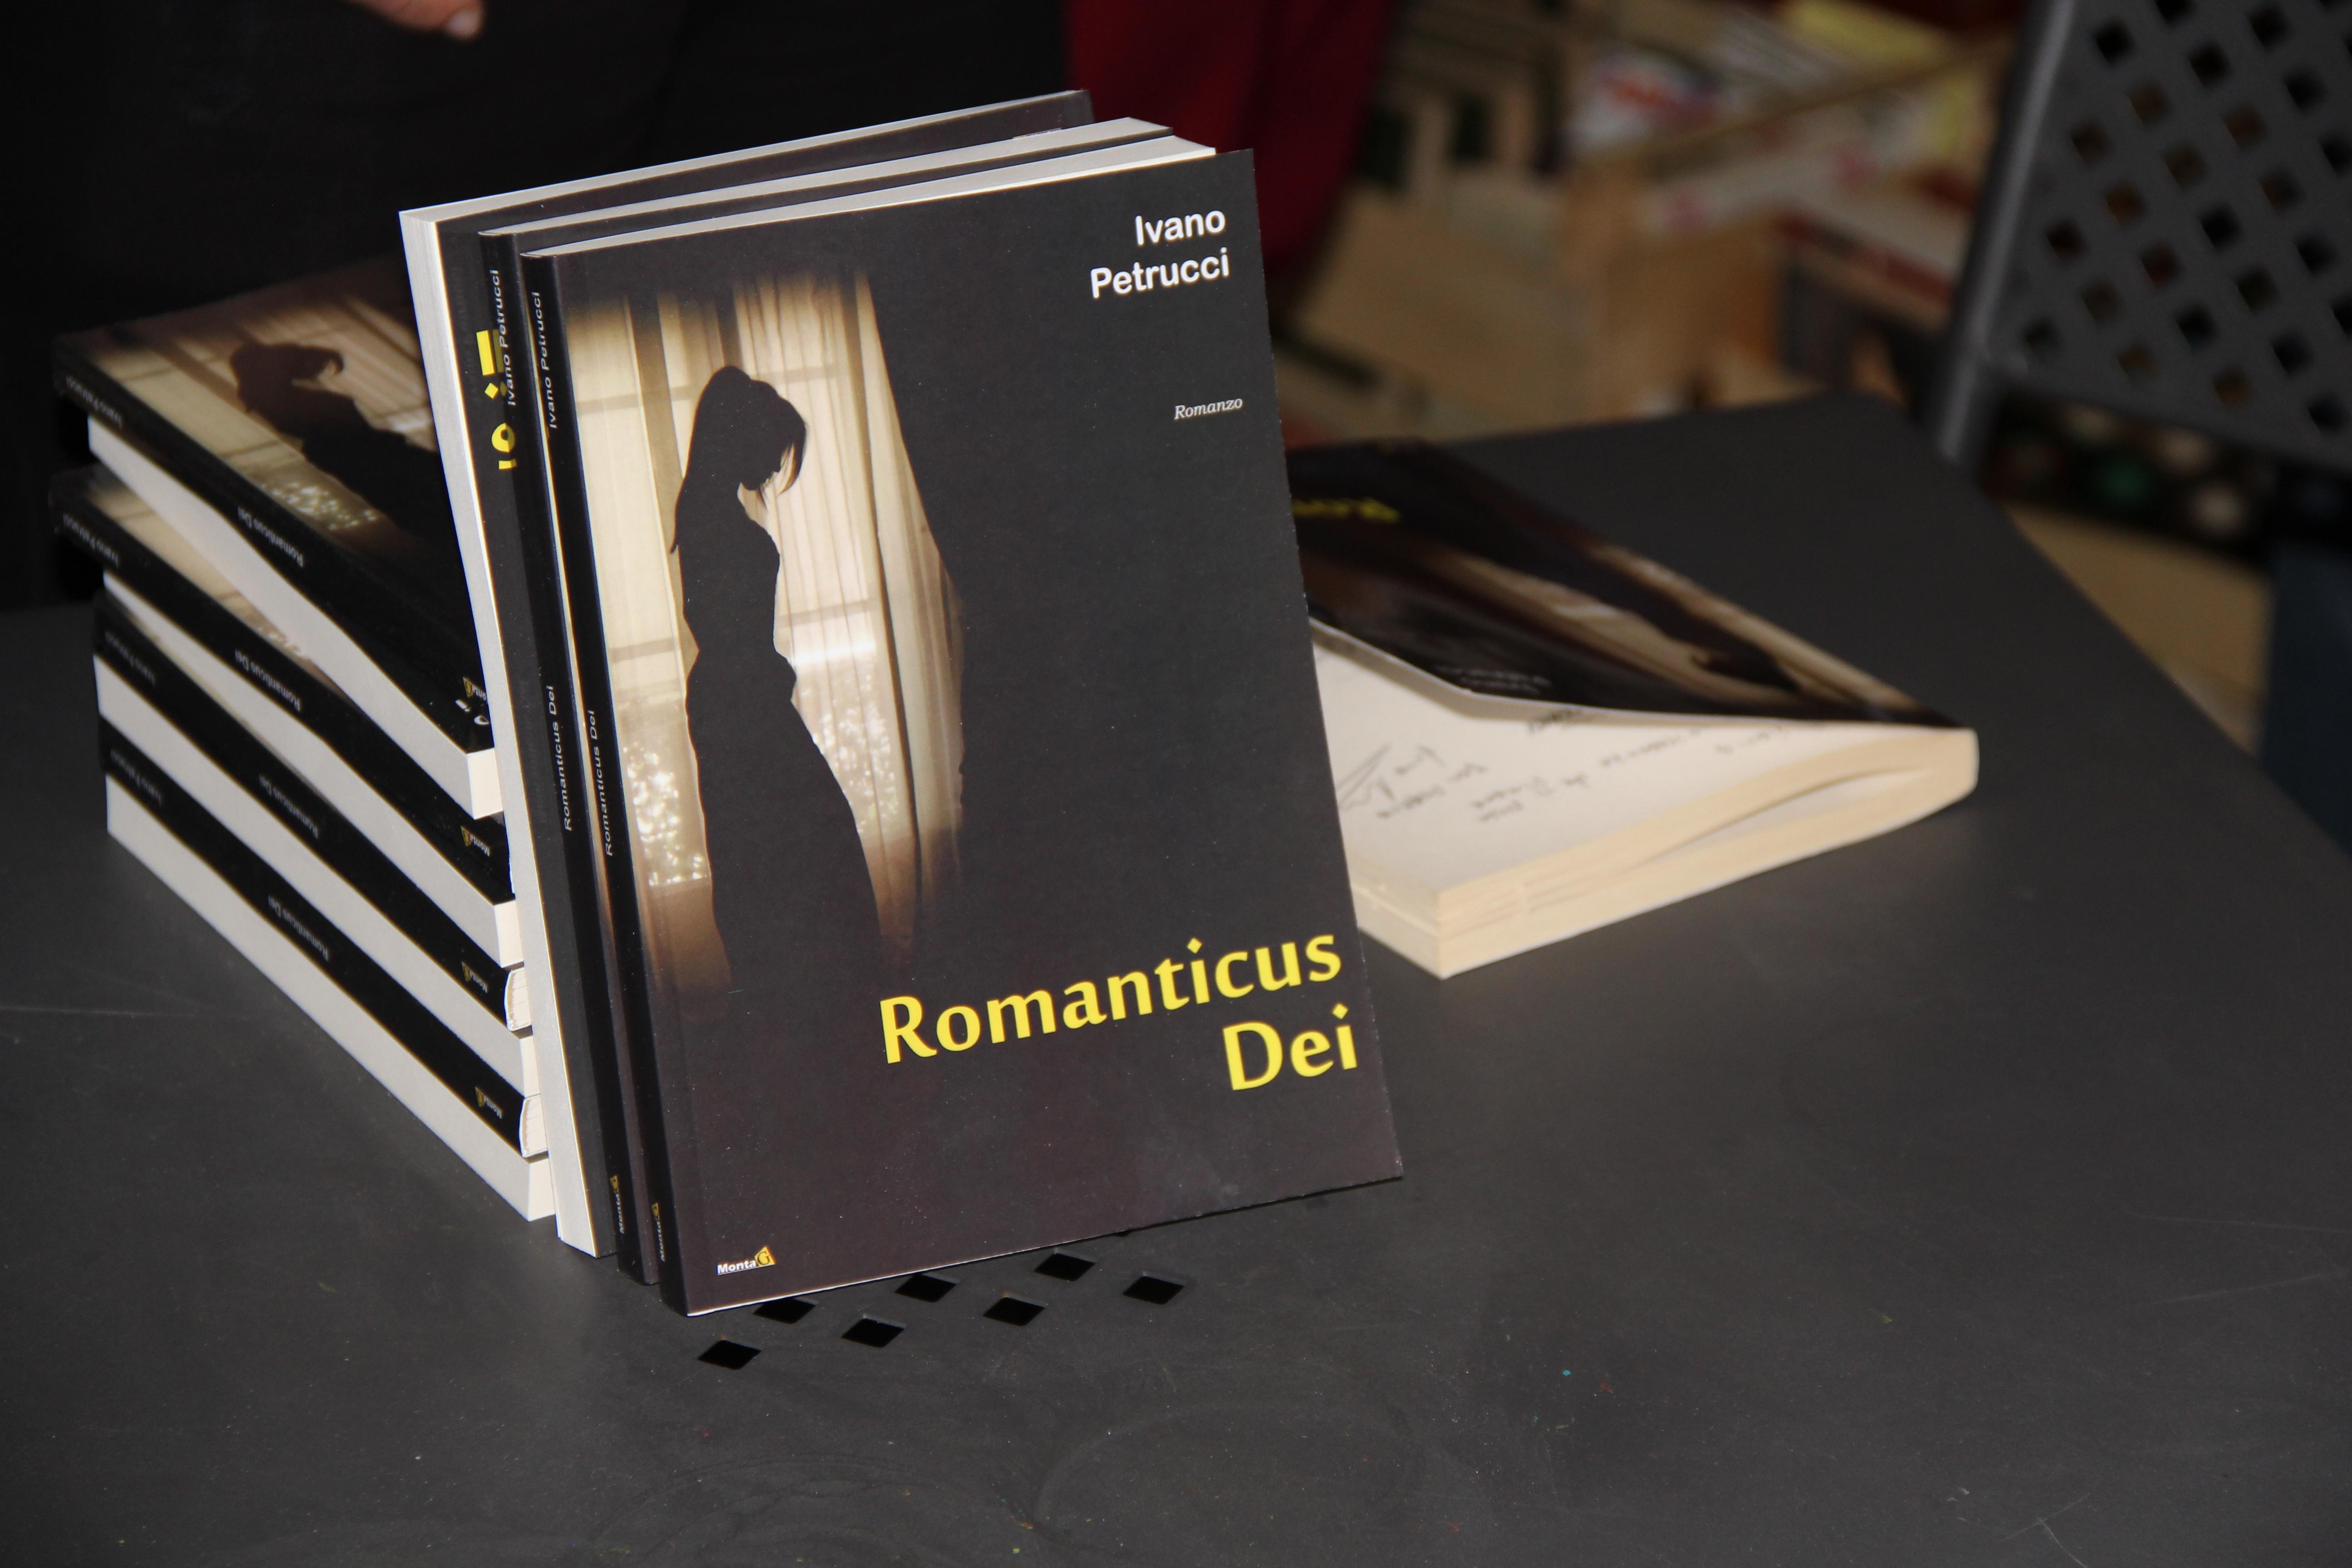 Romanticus Dei, Ivano Petrucci